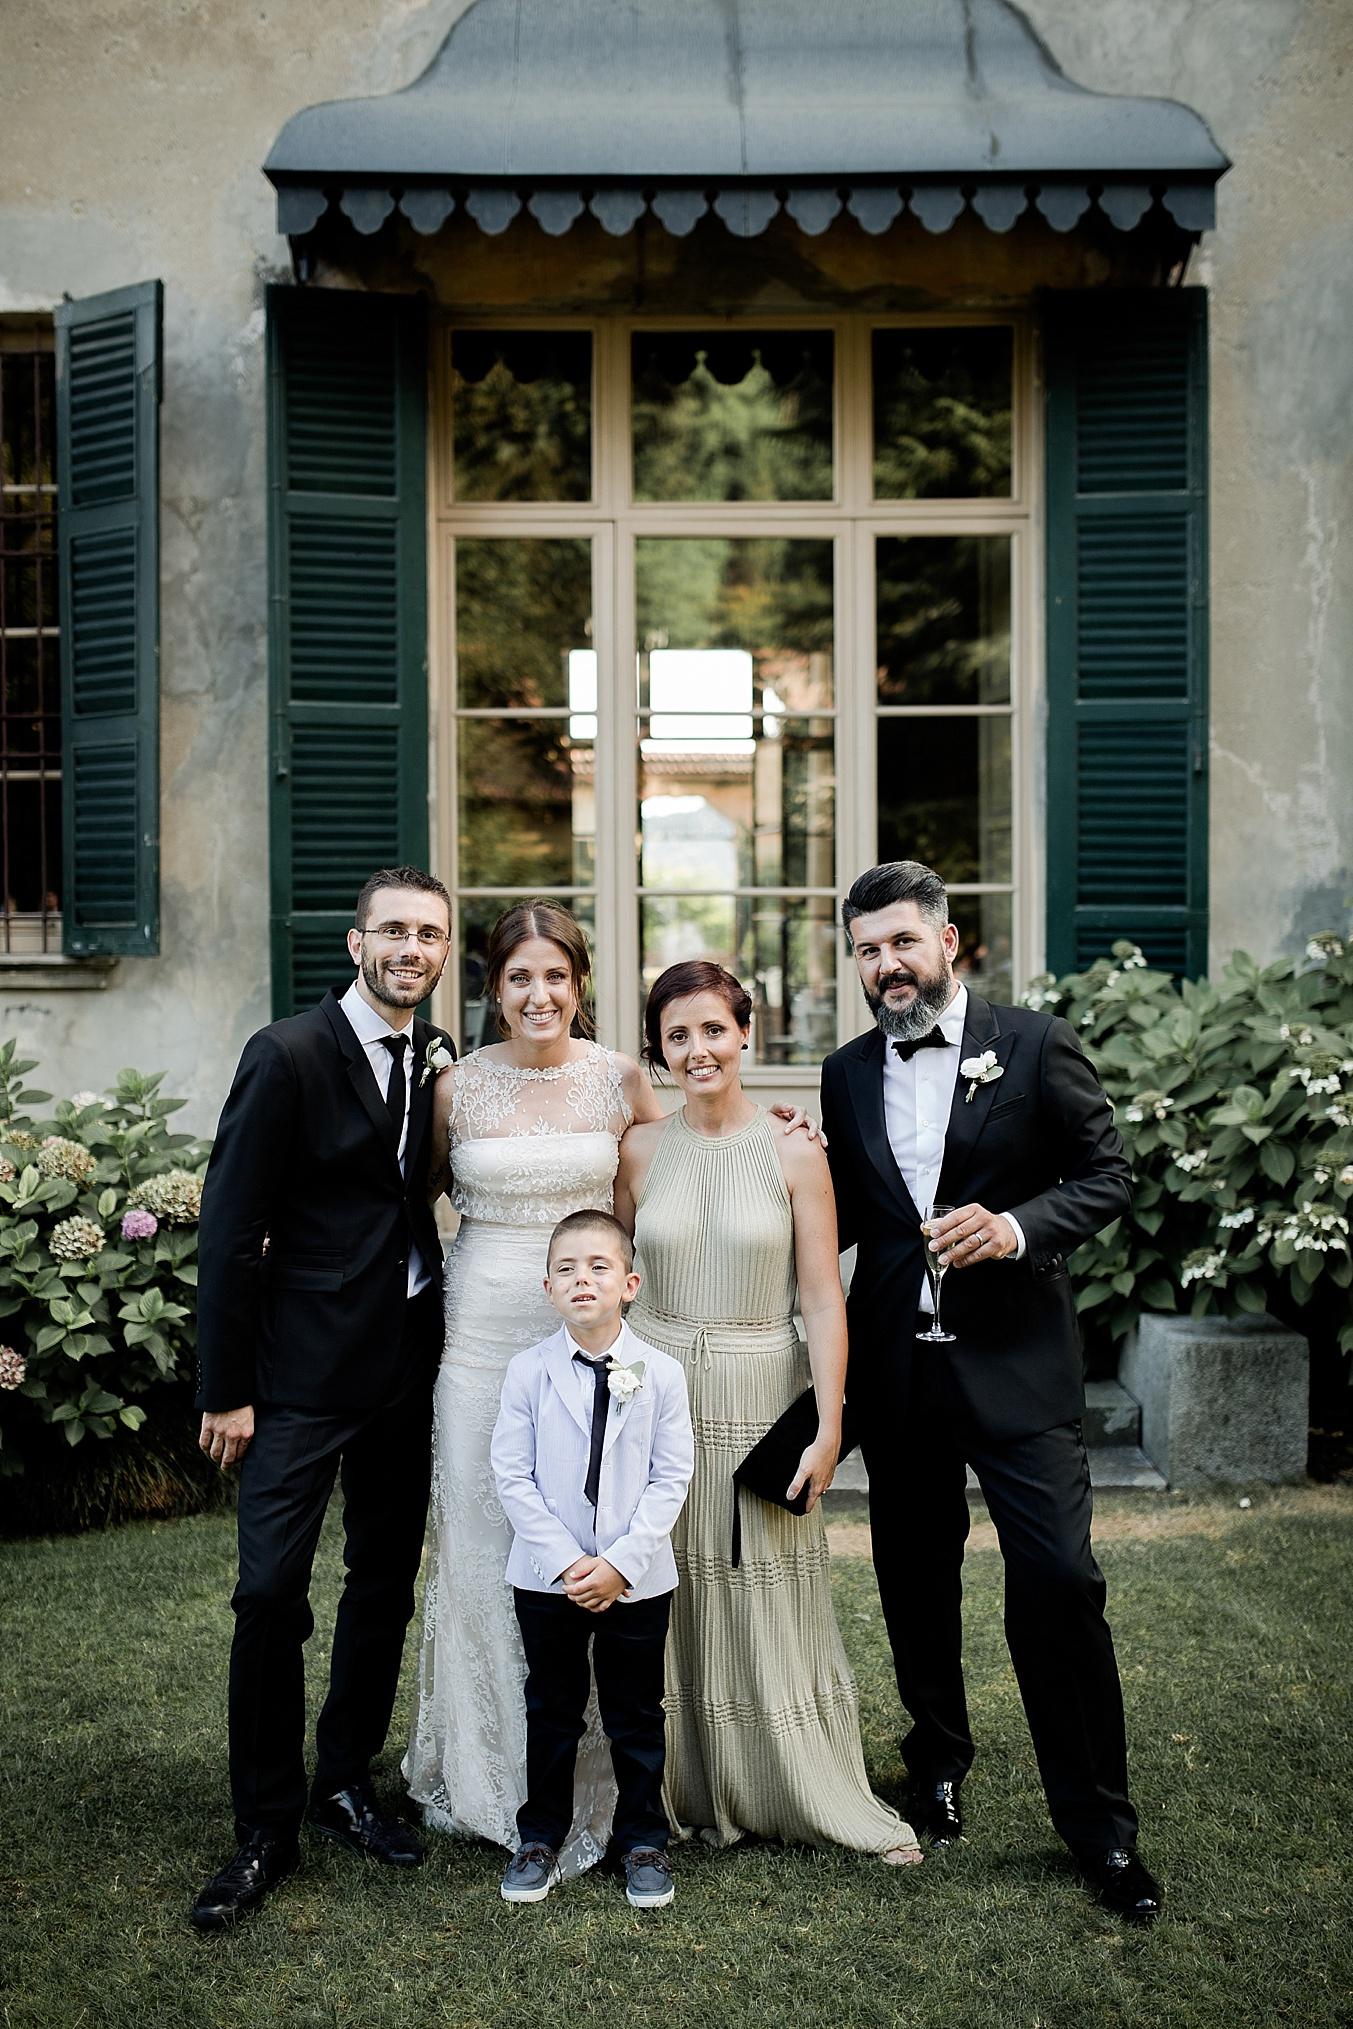 chic elegant wedding Italy family portrait